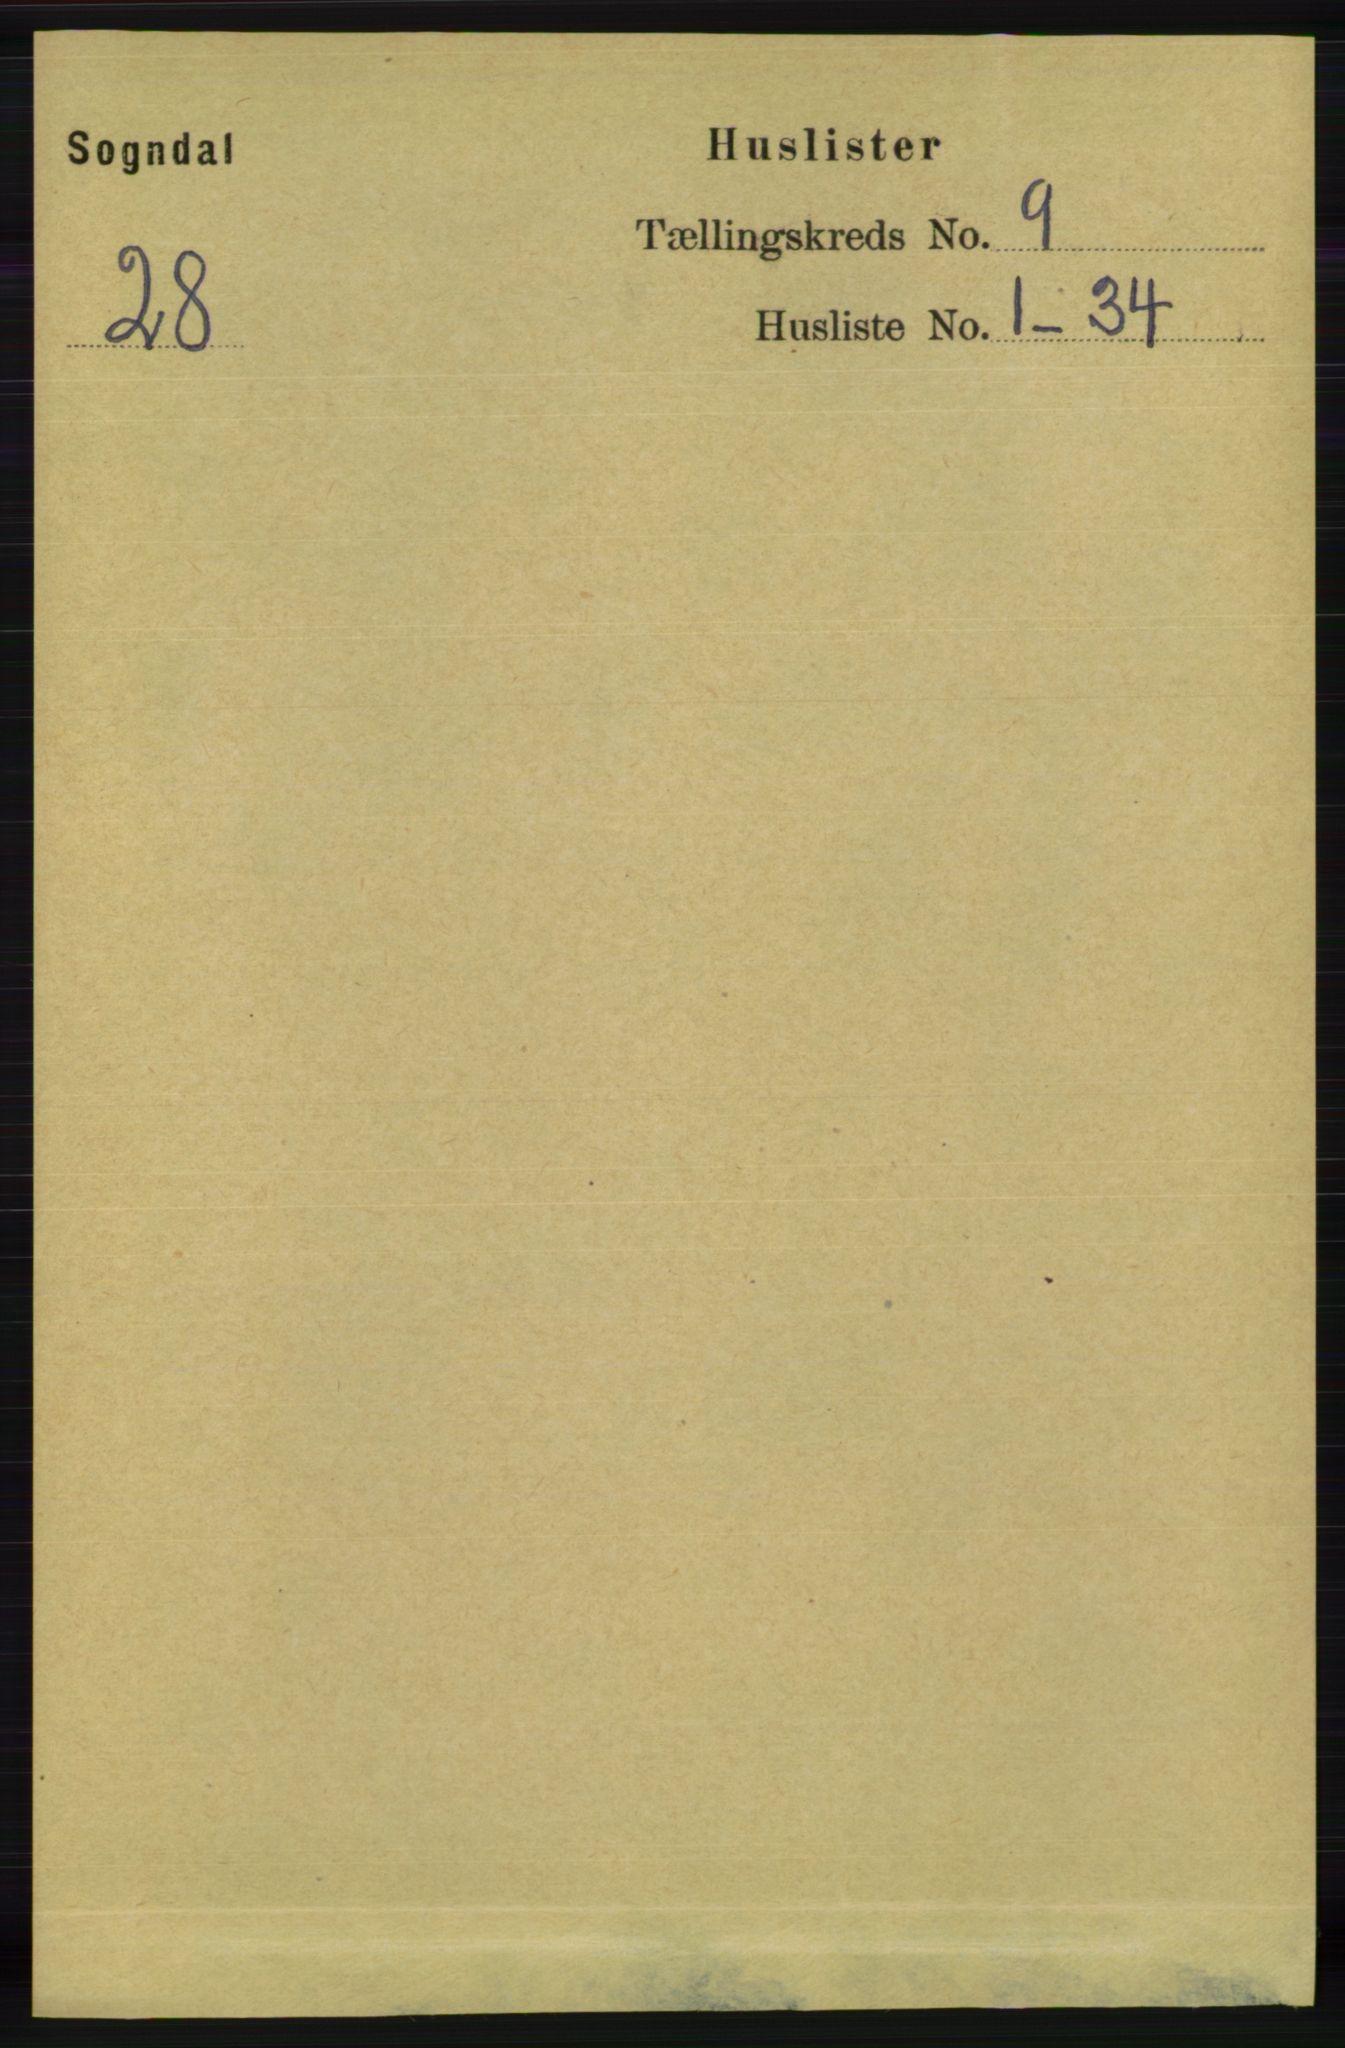 RA, Folketelling 1891 for 1111 Sokndal herred, 1891, s. 3117